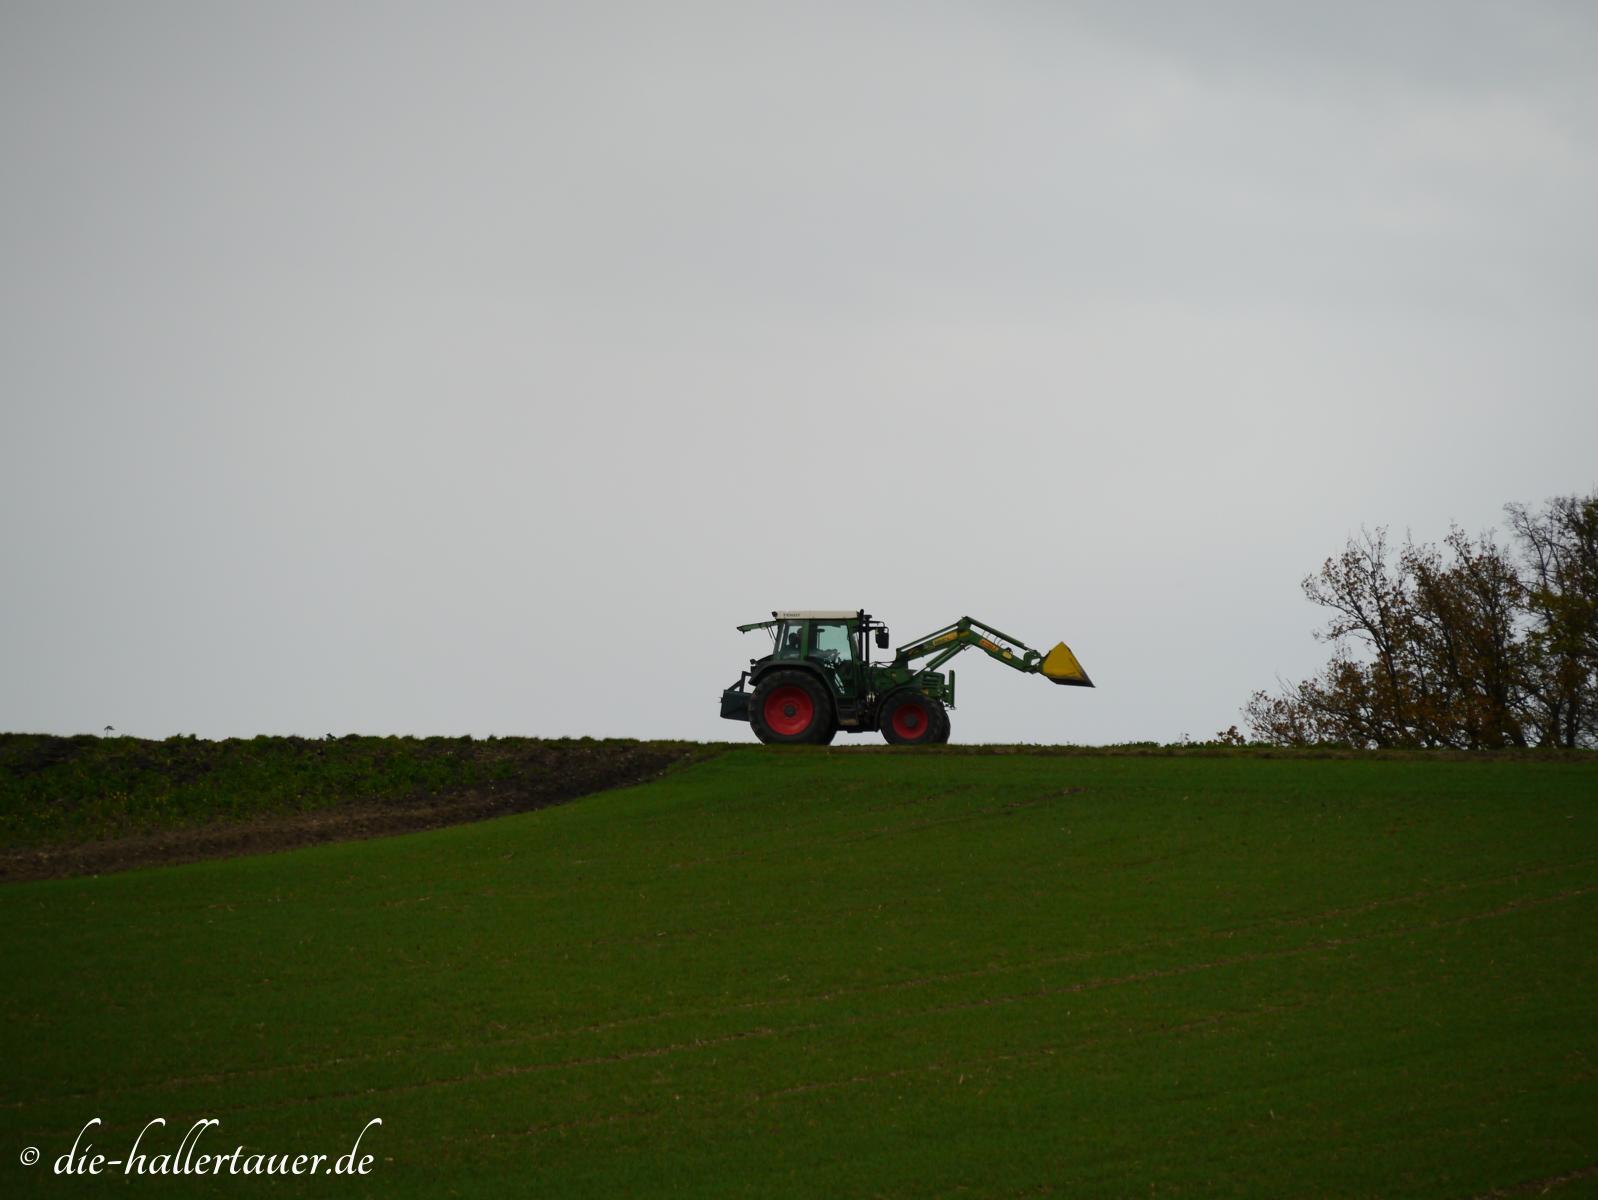 Hallertauer Bauern vor dem Wintereinbruch